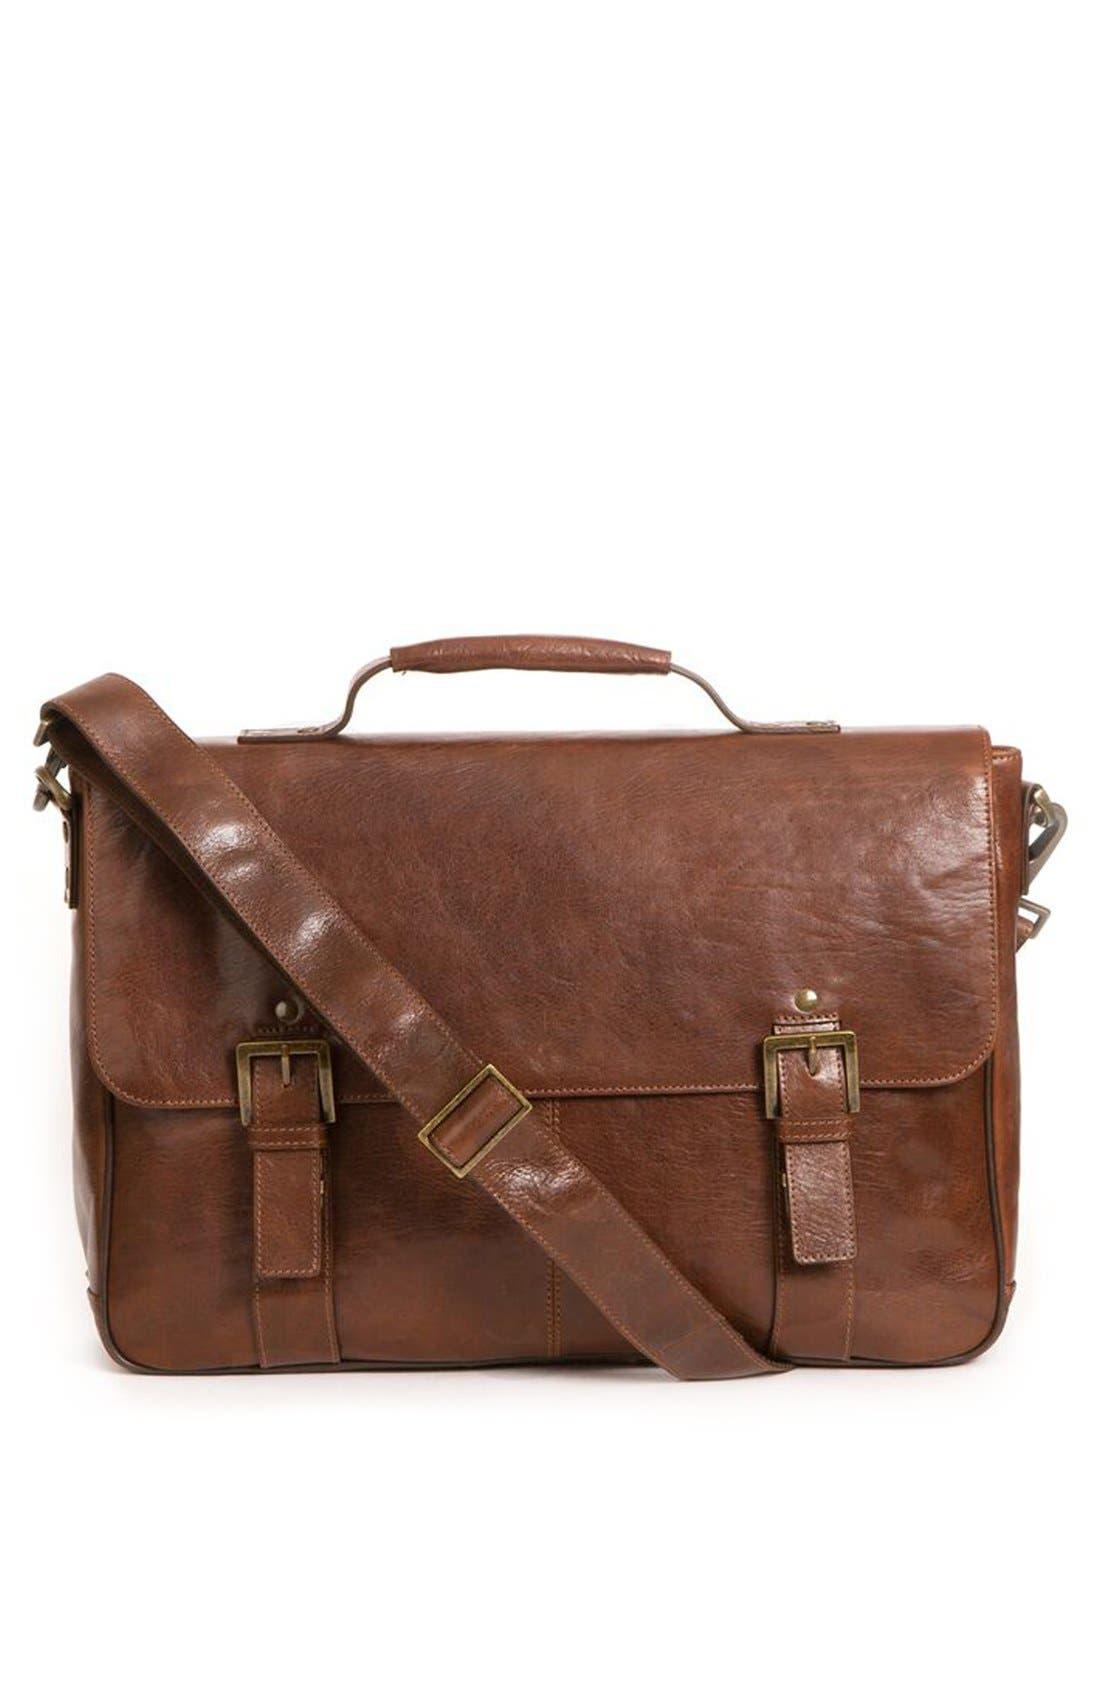 1940s Men's Accessories: Belt, Suspenders, Cuff Links, Glasses Mens Boconi Becker Leather Messenger Bag - Brown $478.00 AT vintagedancer.com